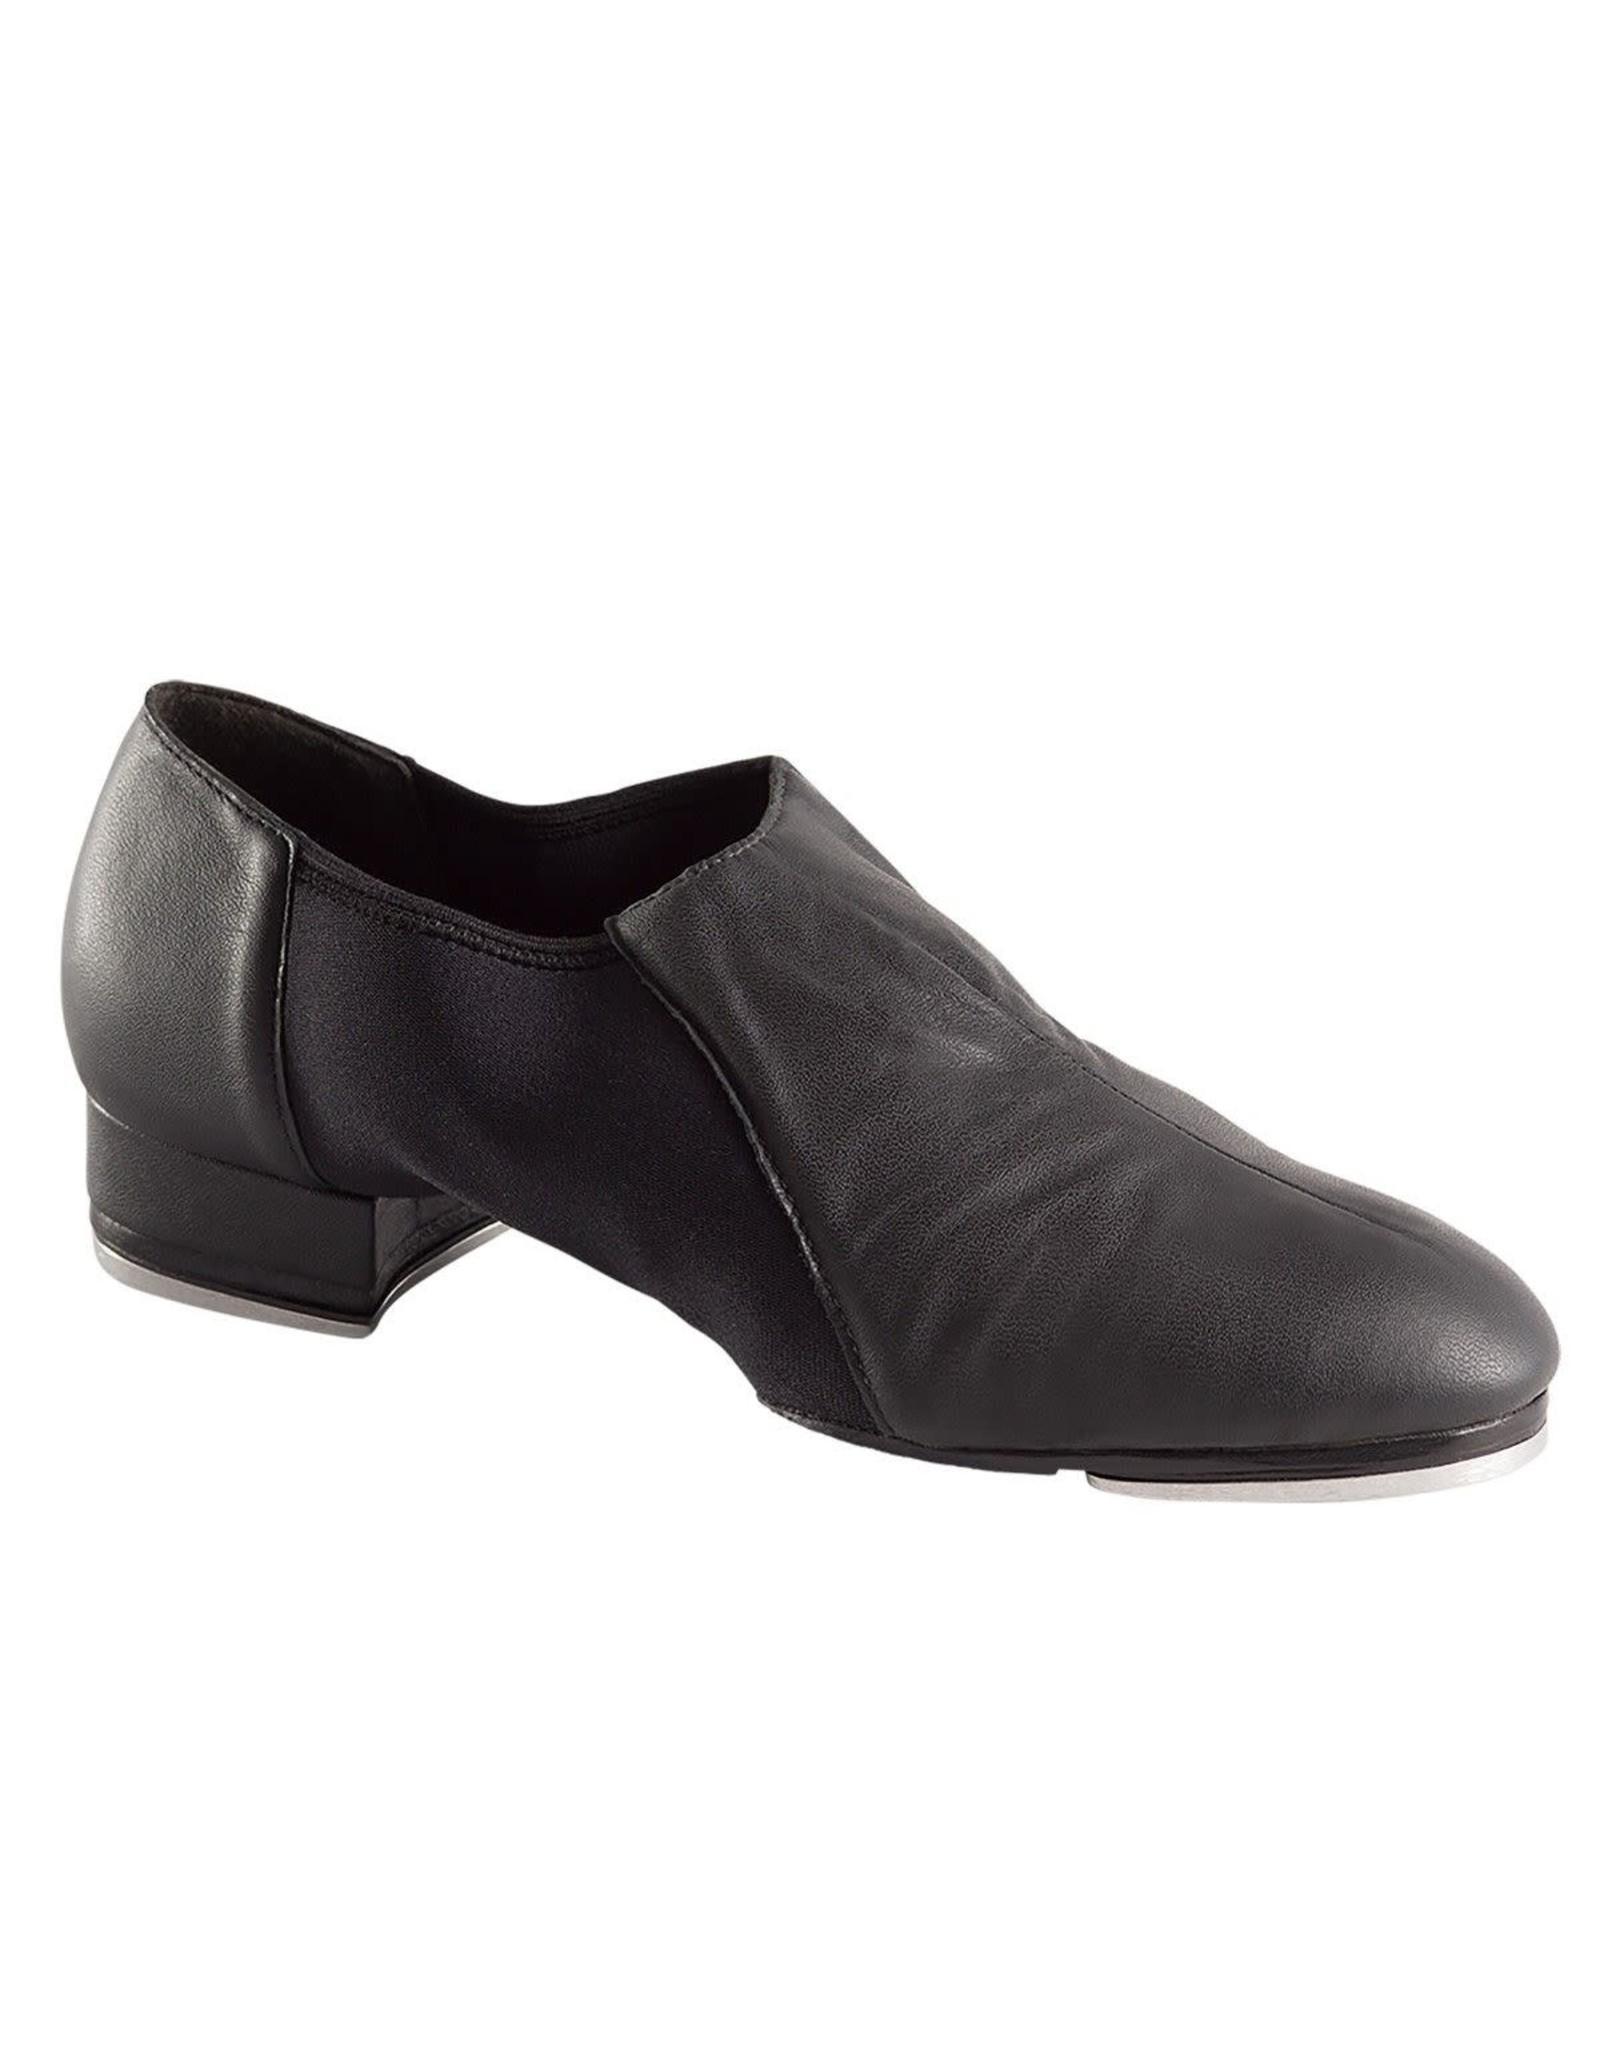 SoDanca SoDanca Split Sole Slip On Tap Shoe